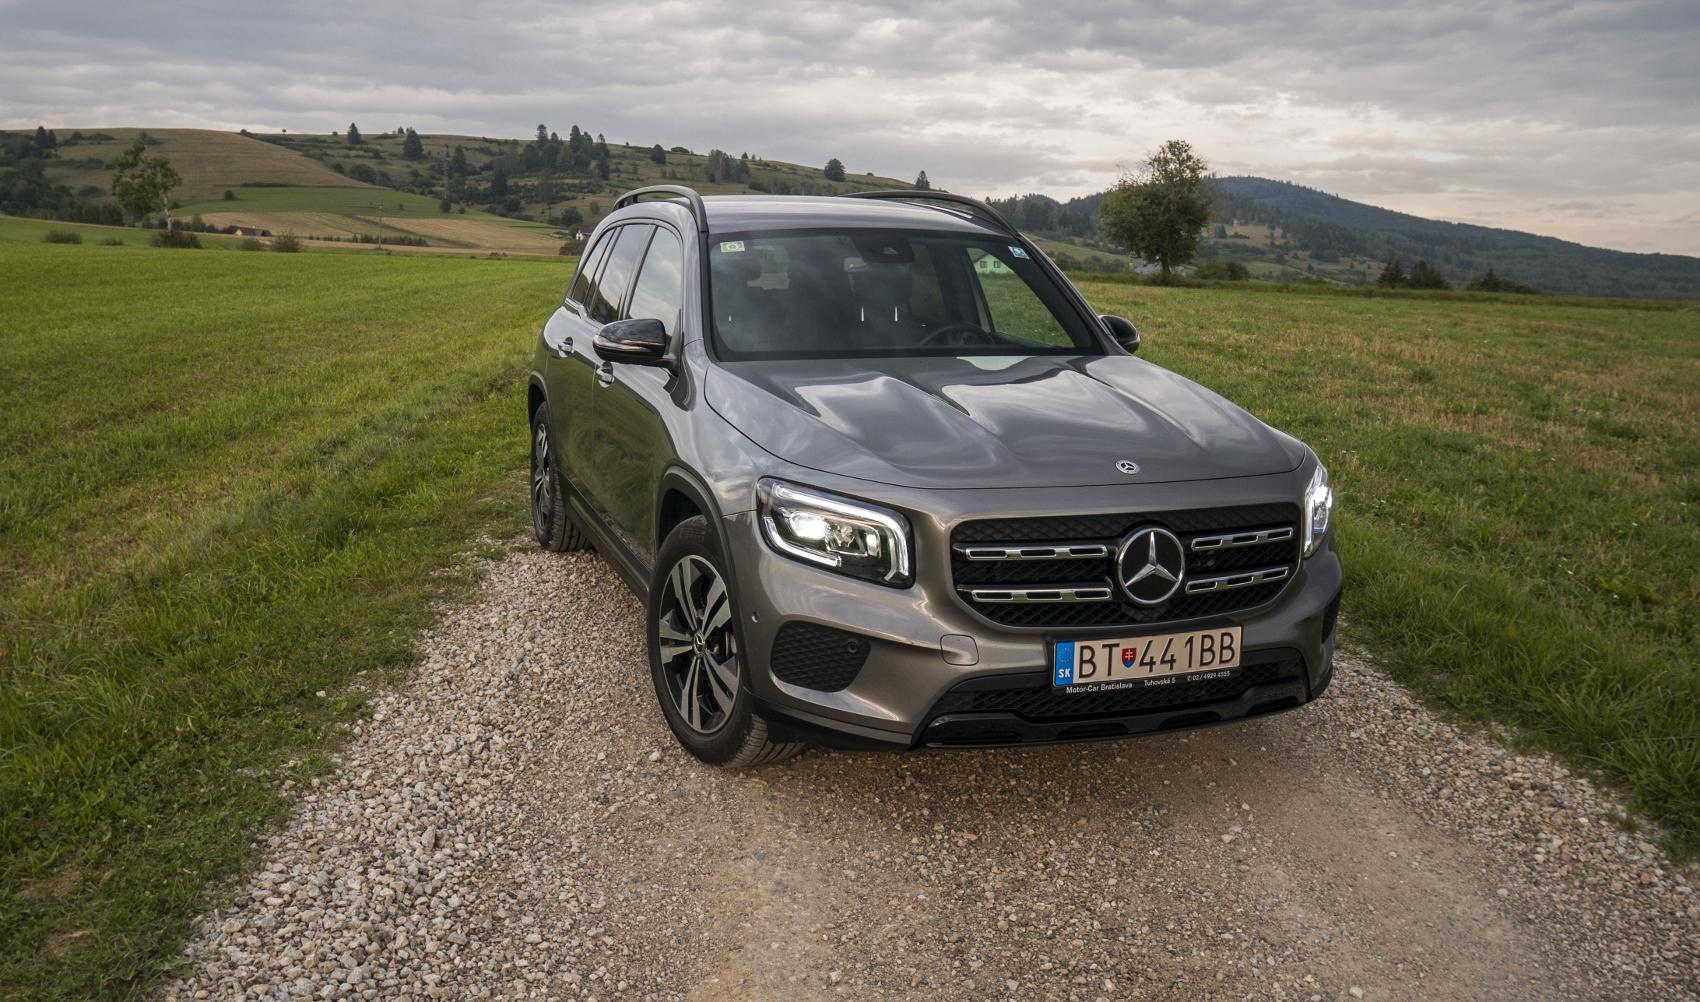 Test: Mercedes GLB 200 ponúka veľký priestor v malom balení ZS9pD2K3b8 mercedes-glb-01-1700x1002